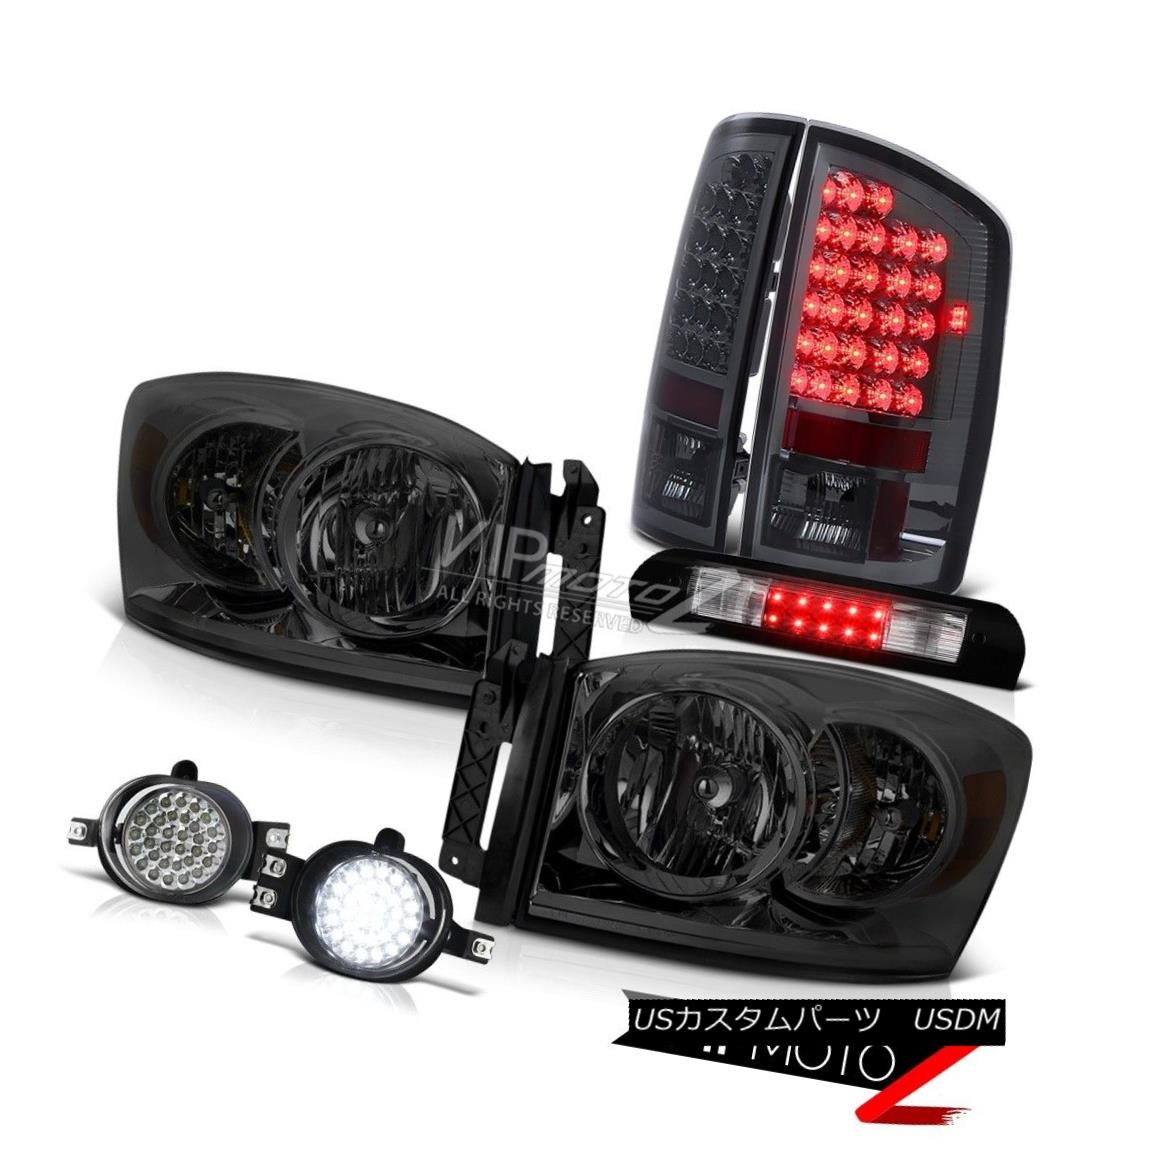 ヘッドライト Tinted Headlamps Brake Light LED Trim Fog Third Cargo 2006 Dodge Ram Magnum V8 着色されたヘッドランプブレーキライトLEDトリムフォグ第3貨物2006ドッジラムマグナムV8